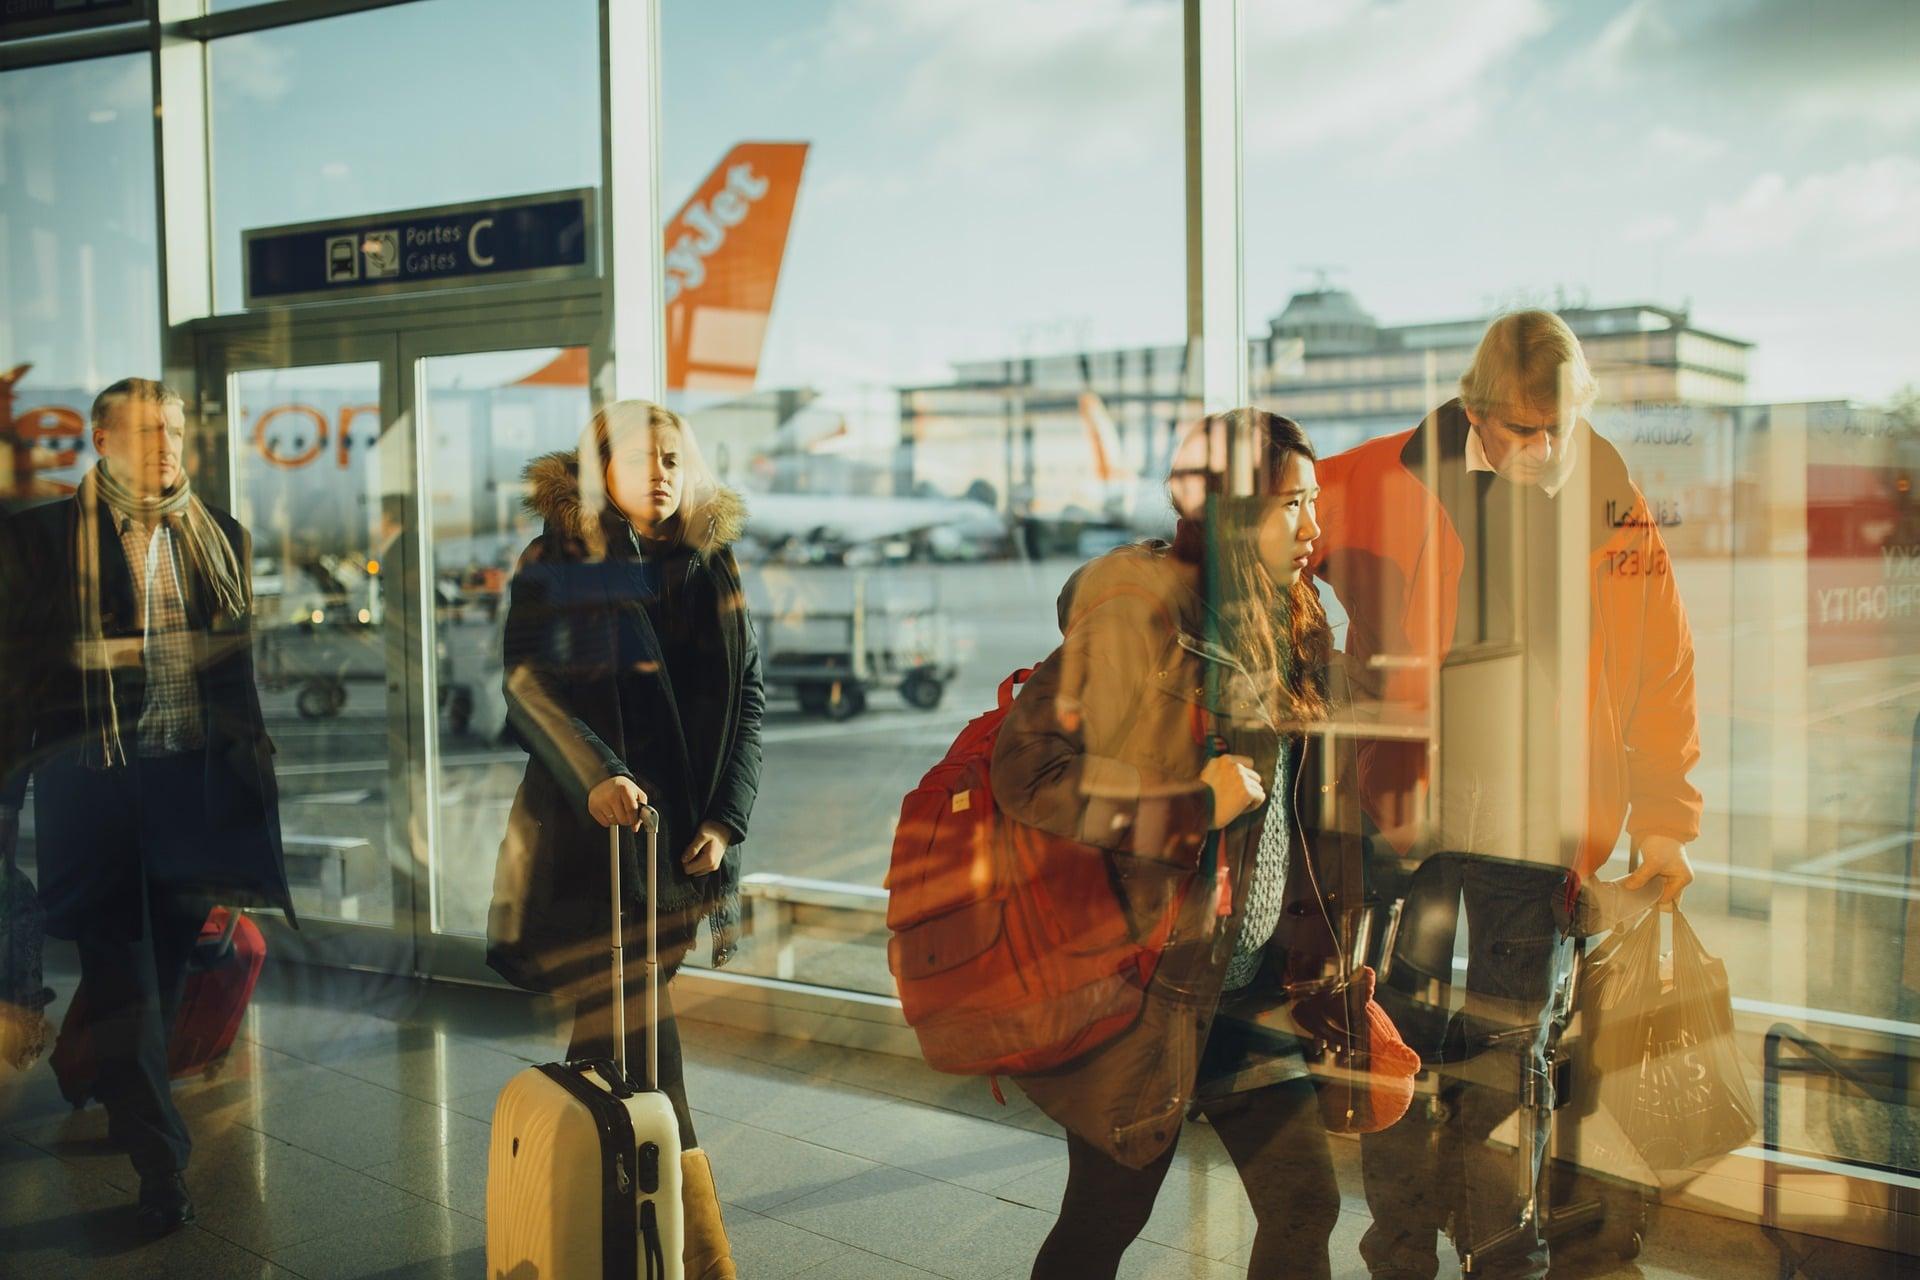 Aéroport - Départ en vacance